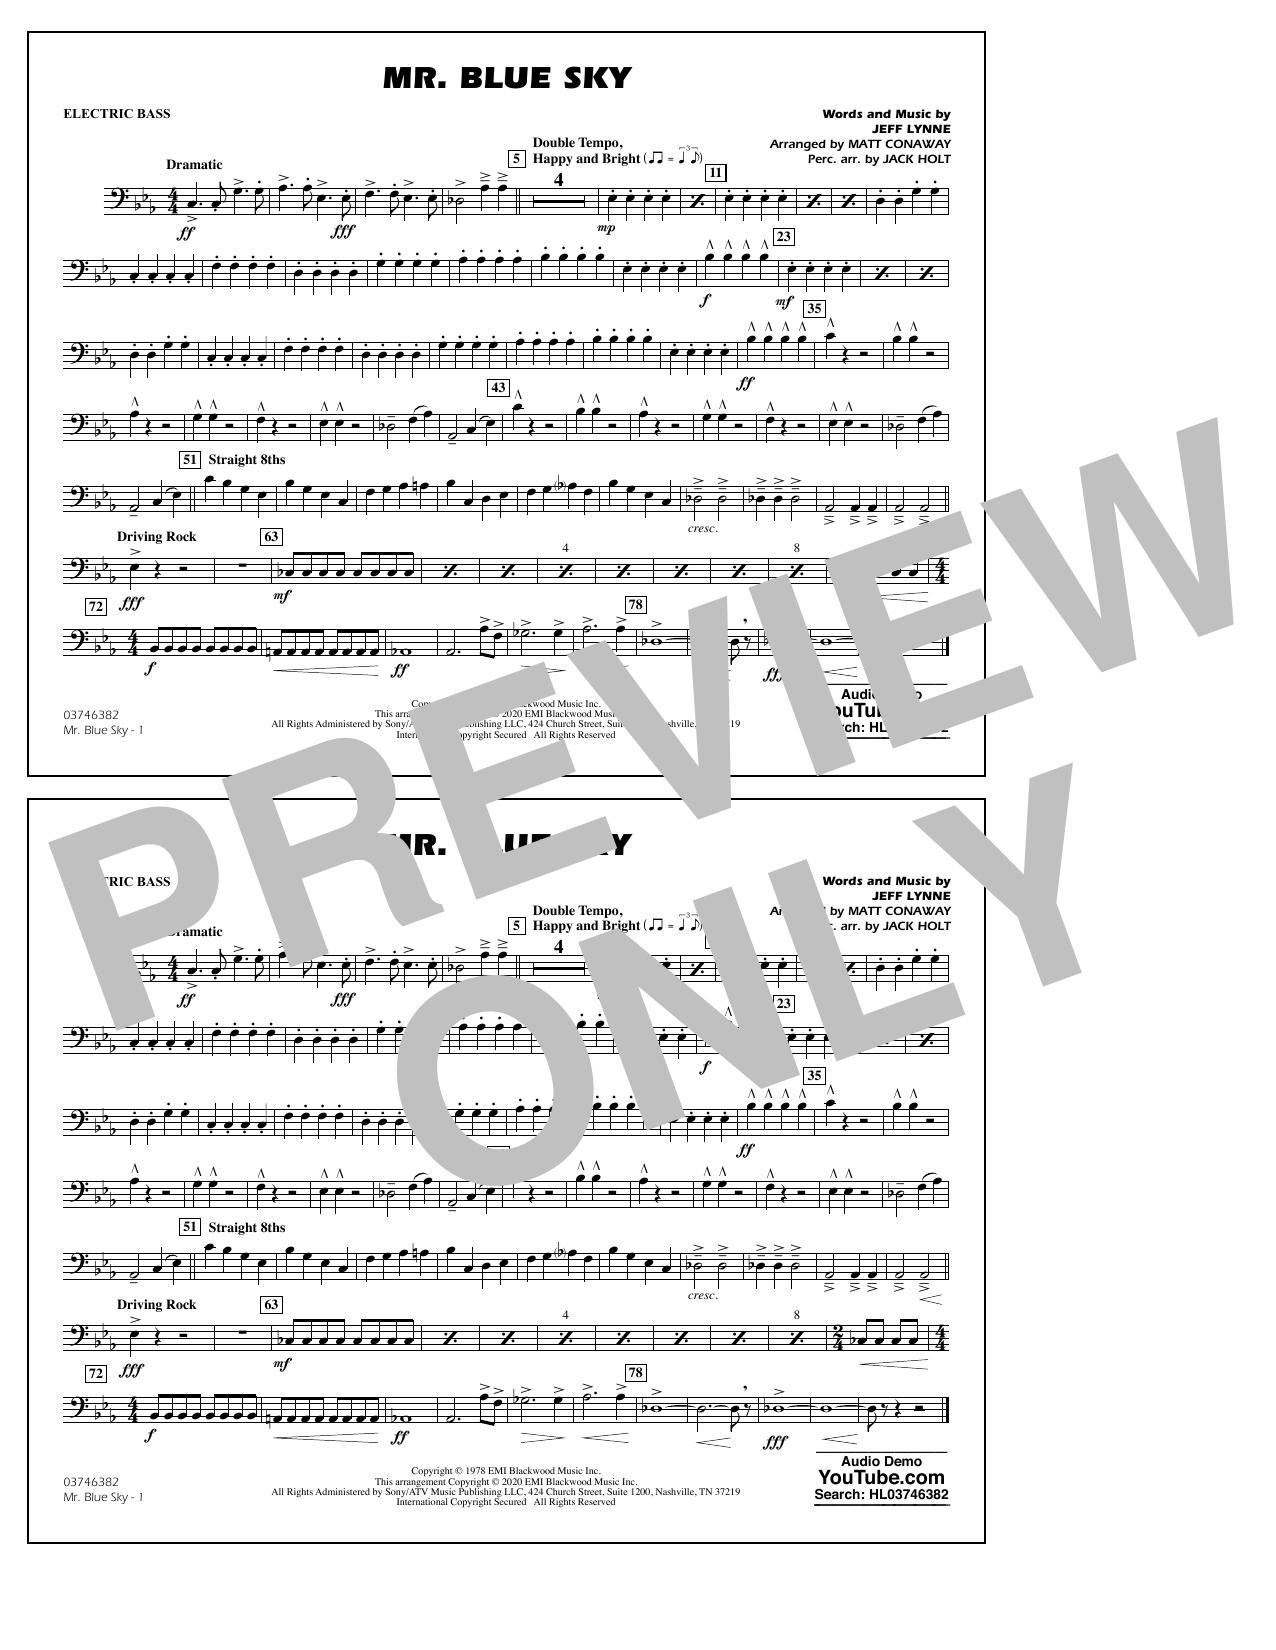 Mr. Blue Sky (arr. Matt Conaway) - Electric Bass Sheet Music